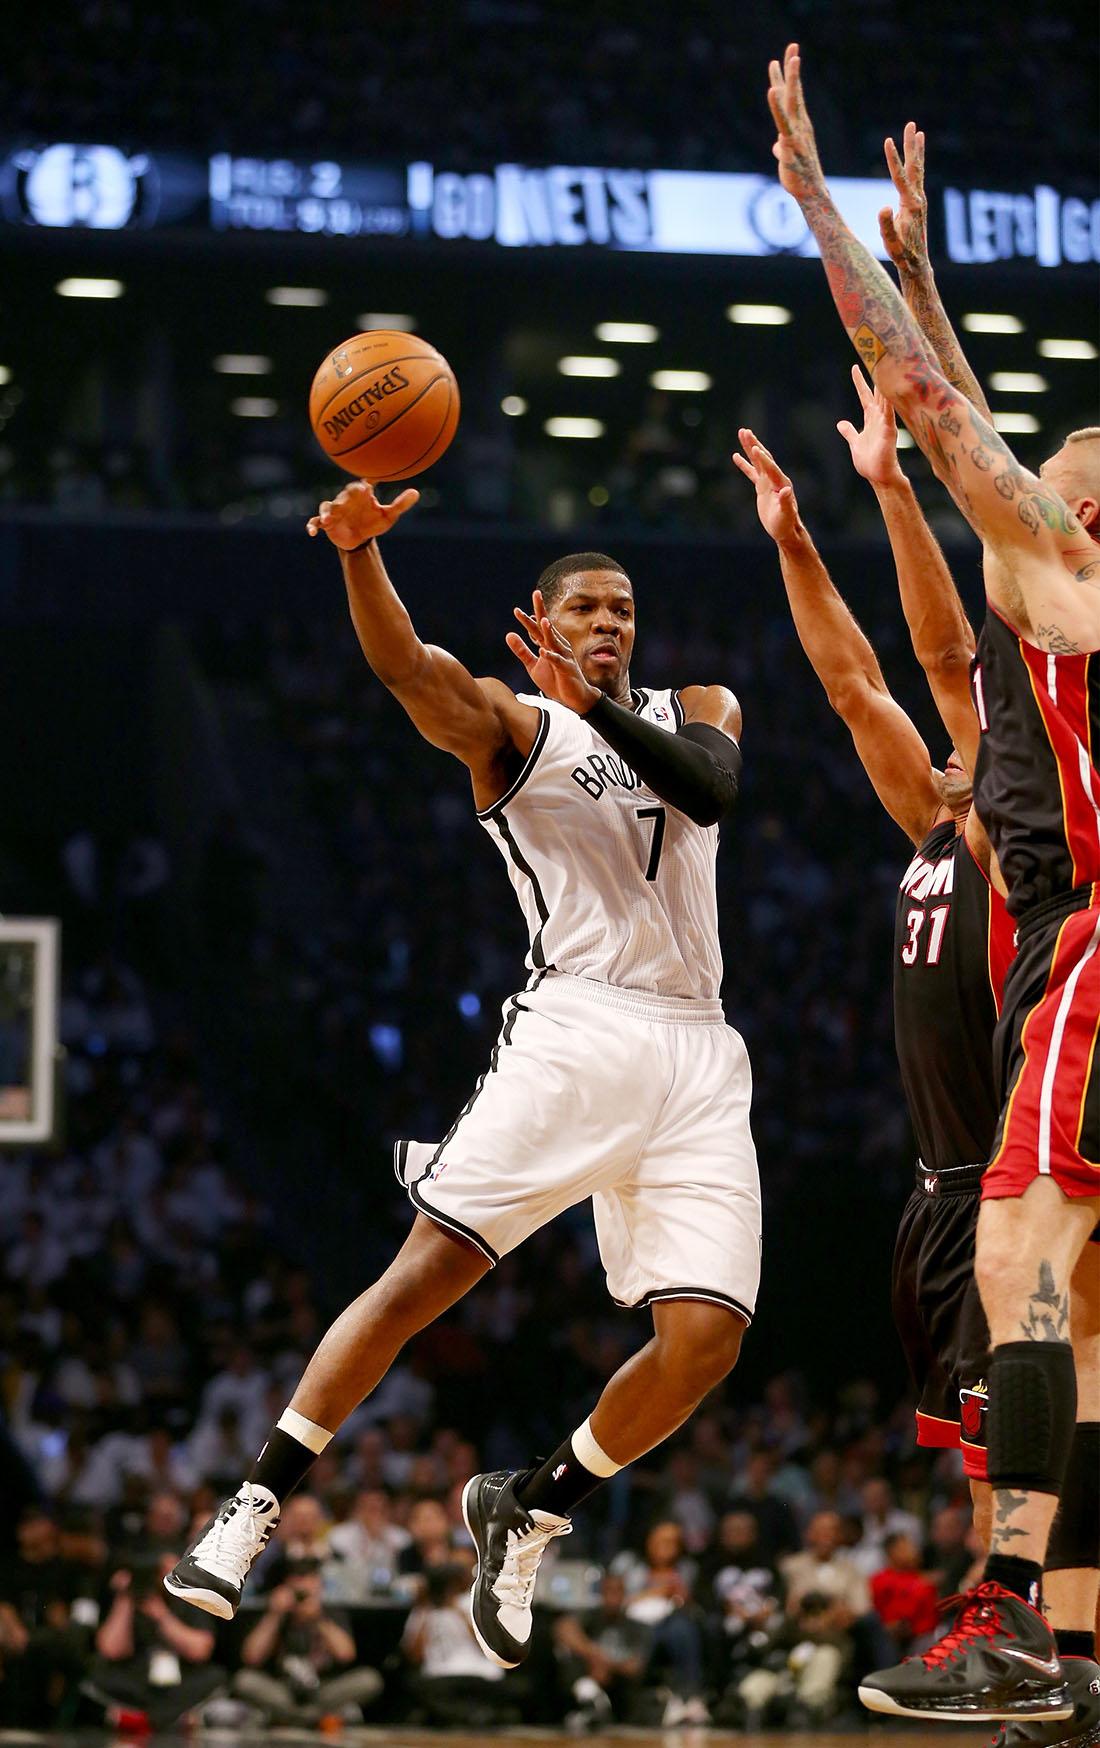 nets en los playoffs contra miami en viva basquet